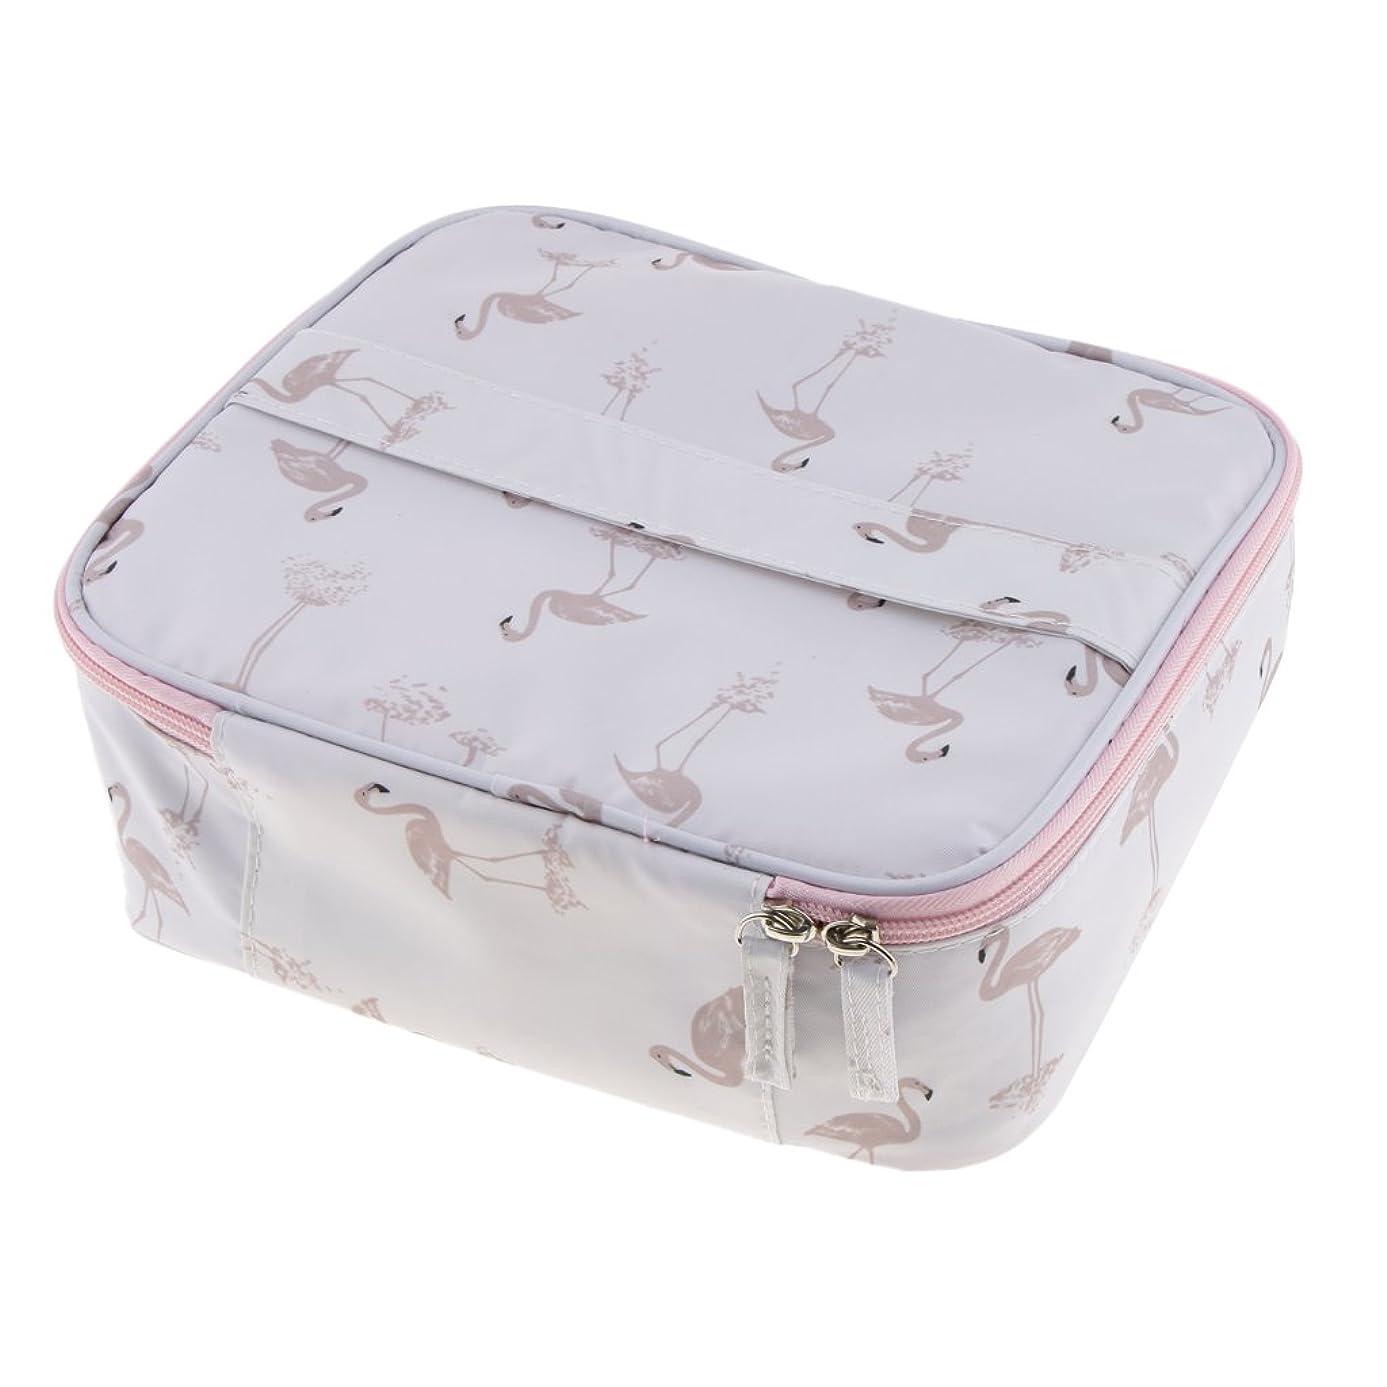 ピストルクスコプラットフォームFenteer メイクアップバッグ メッシュポーチ 便利 旅行 化粧品 メイクアップ ホルダーケース 収納袋 2色選べる - 白